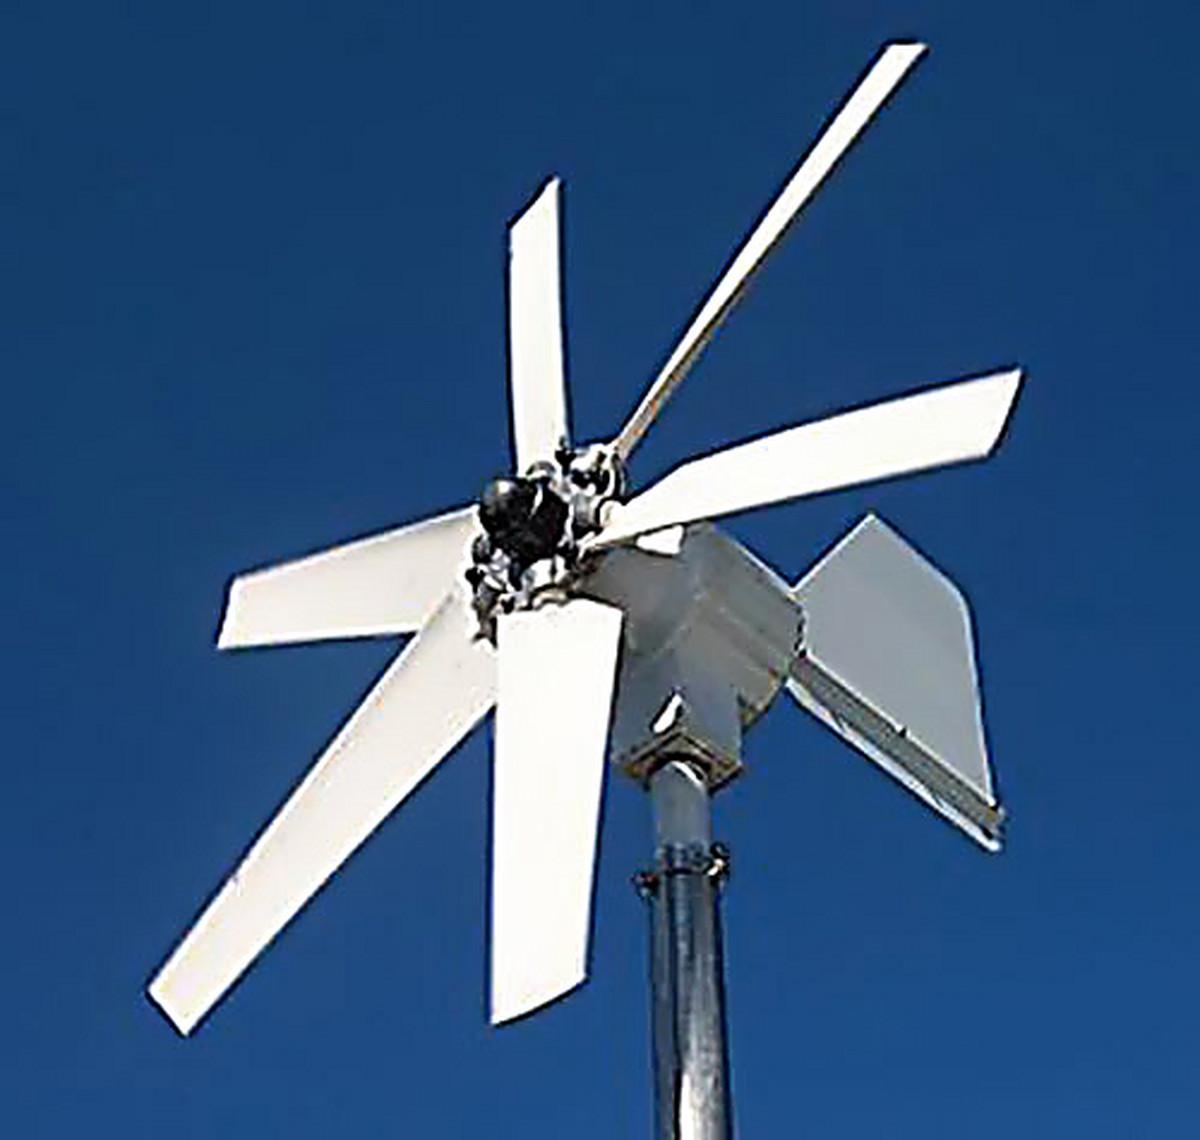 Как сделать ветровую электростанцию